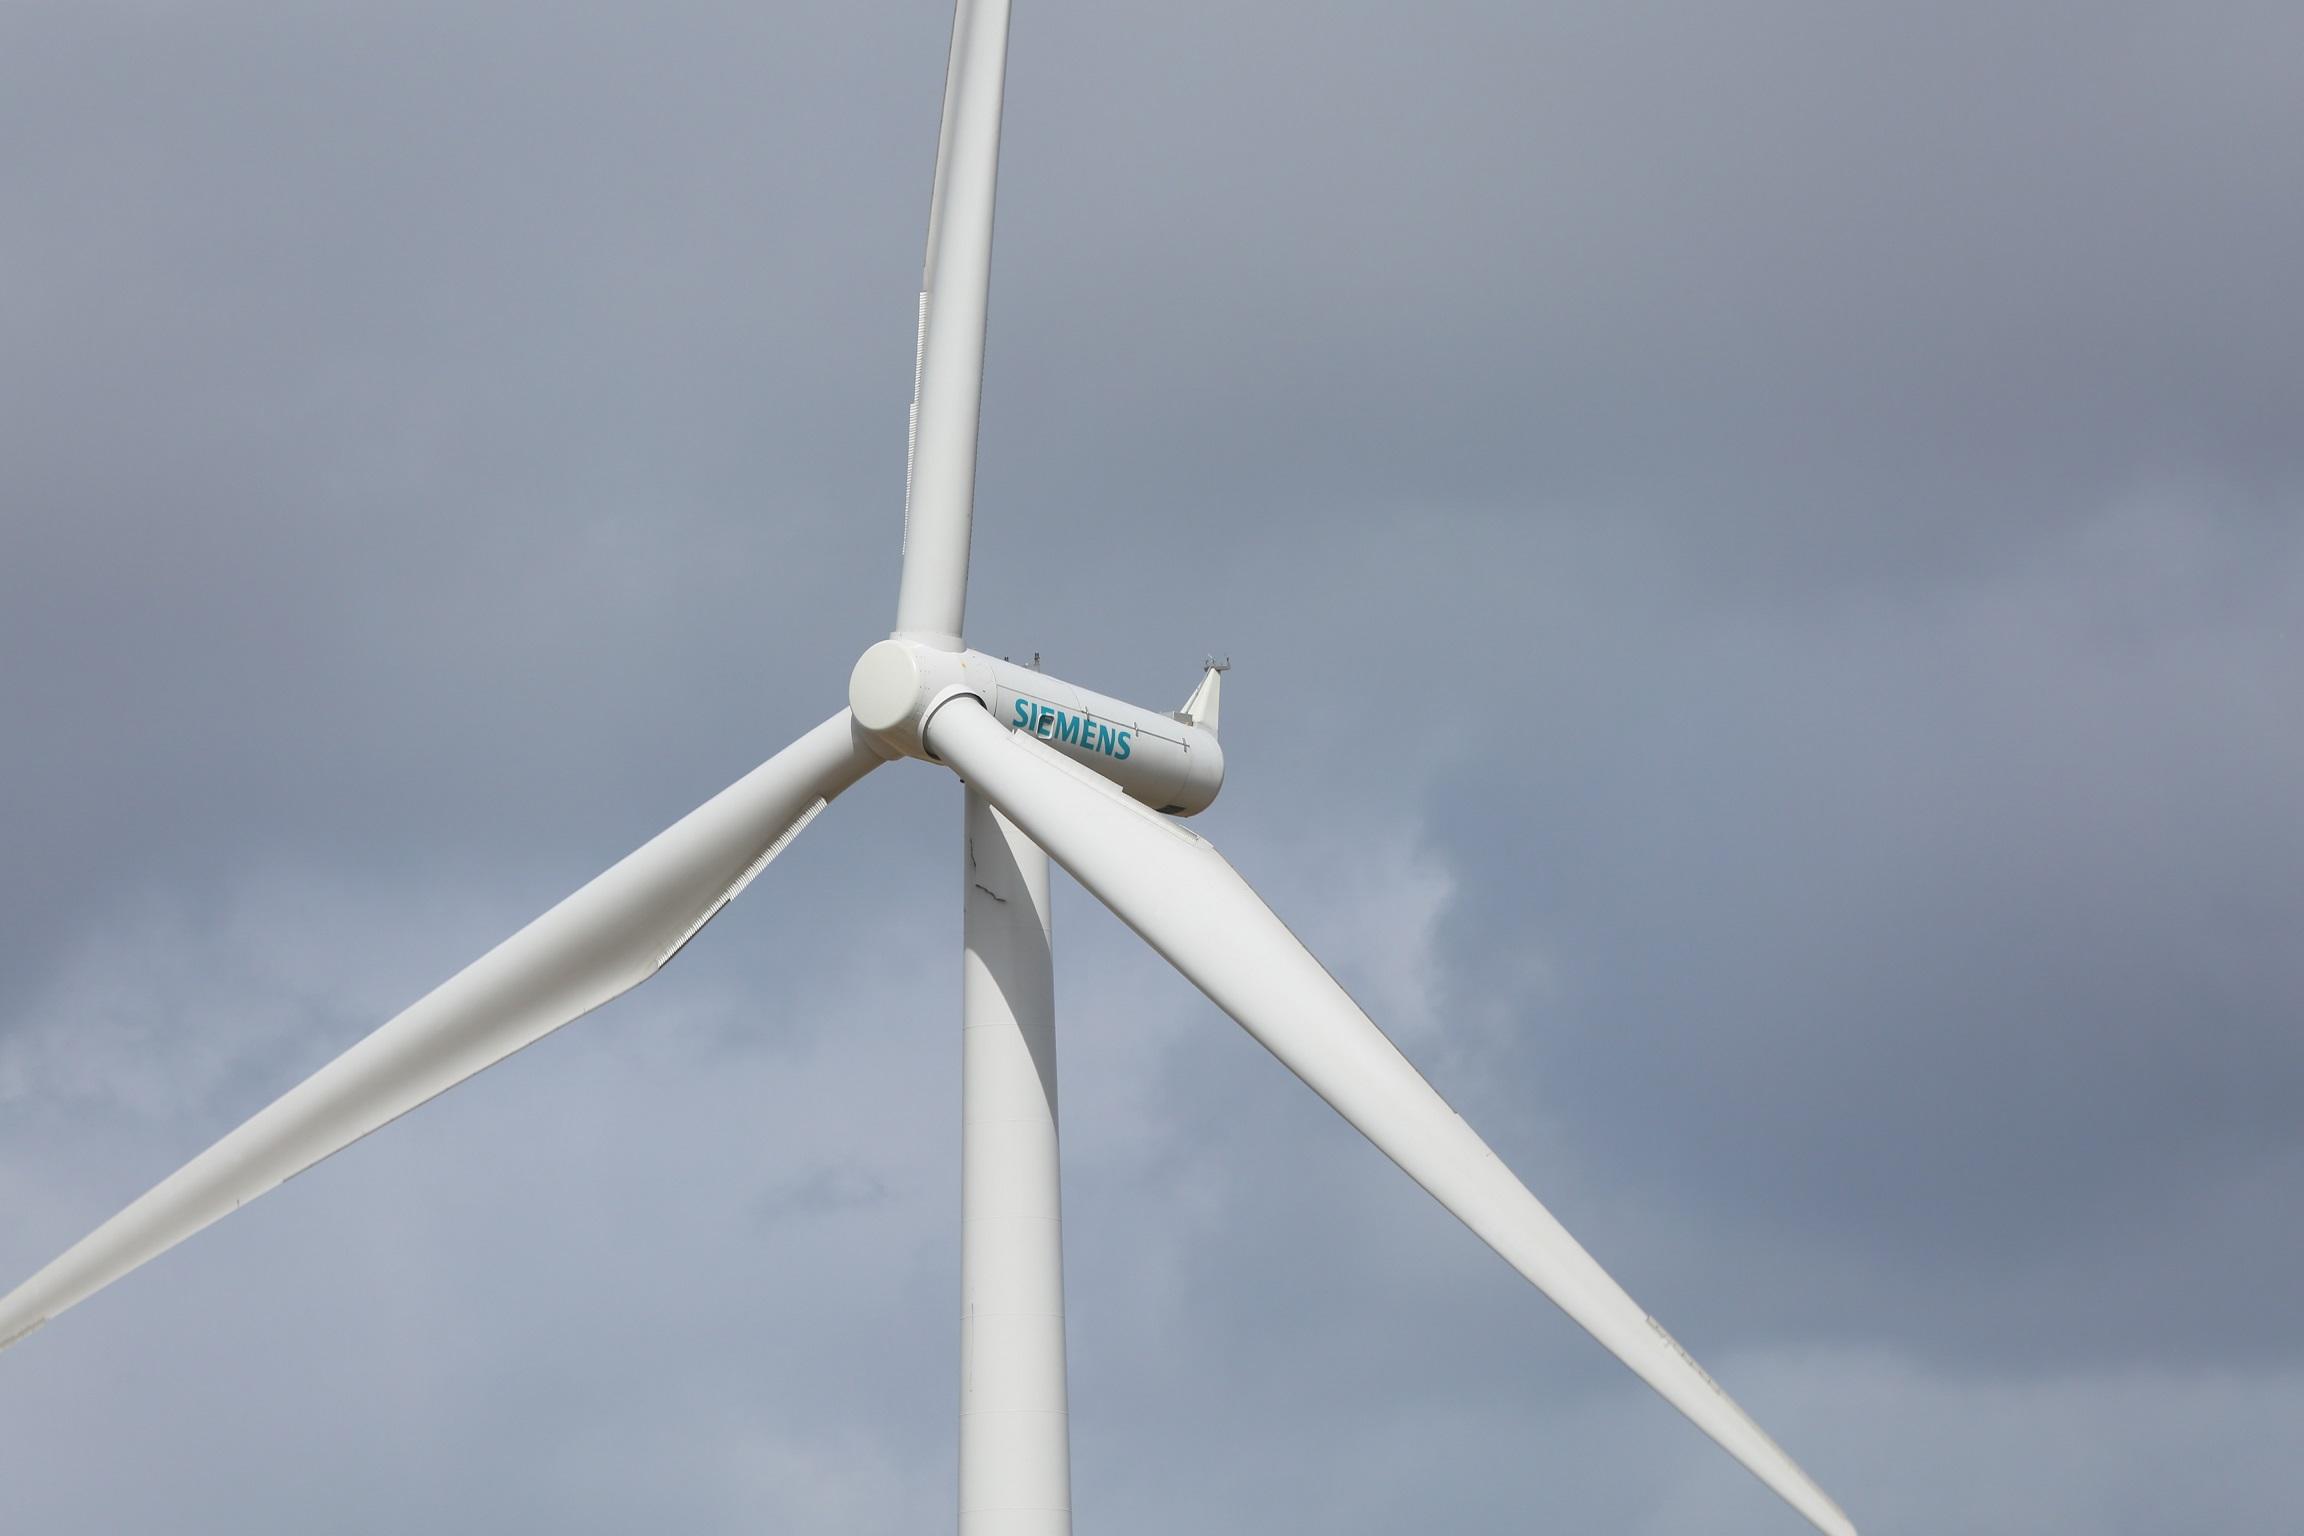 Siemens SWT 2 3 93 2 30 MW Wind turbine